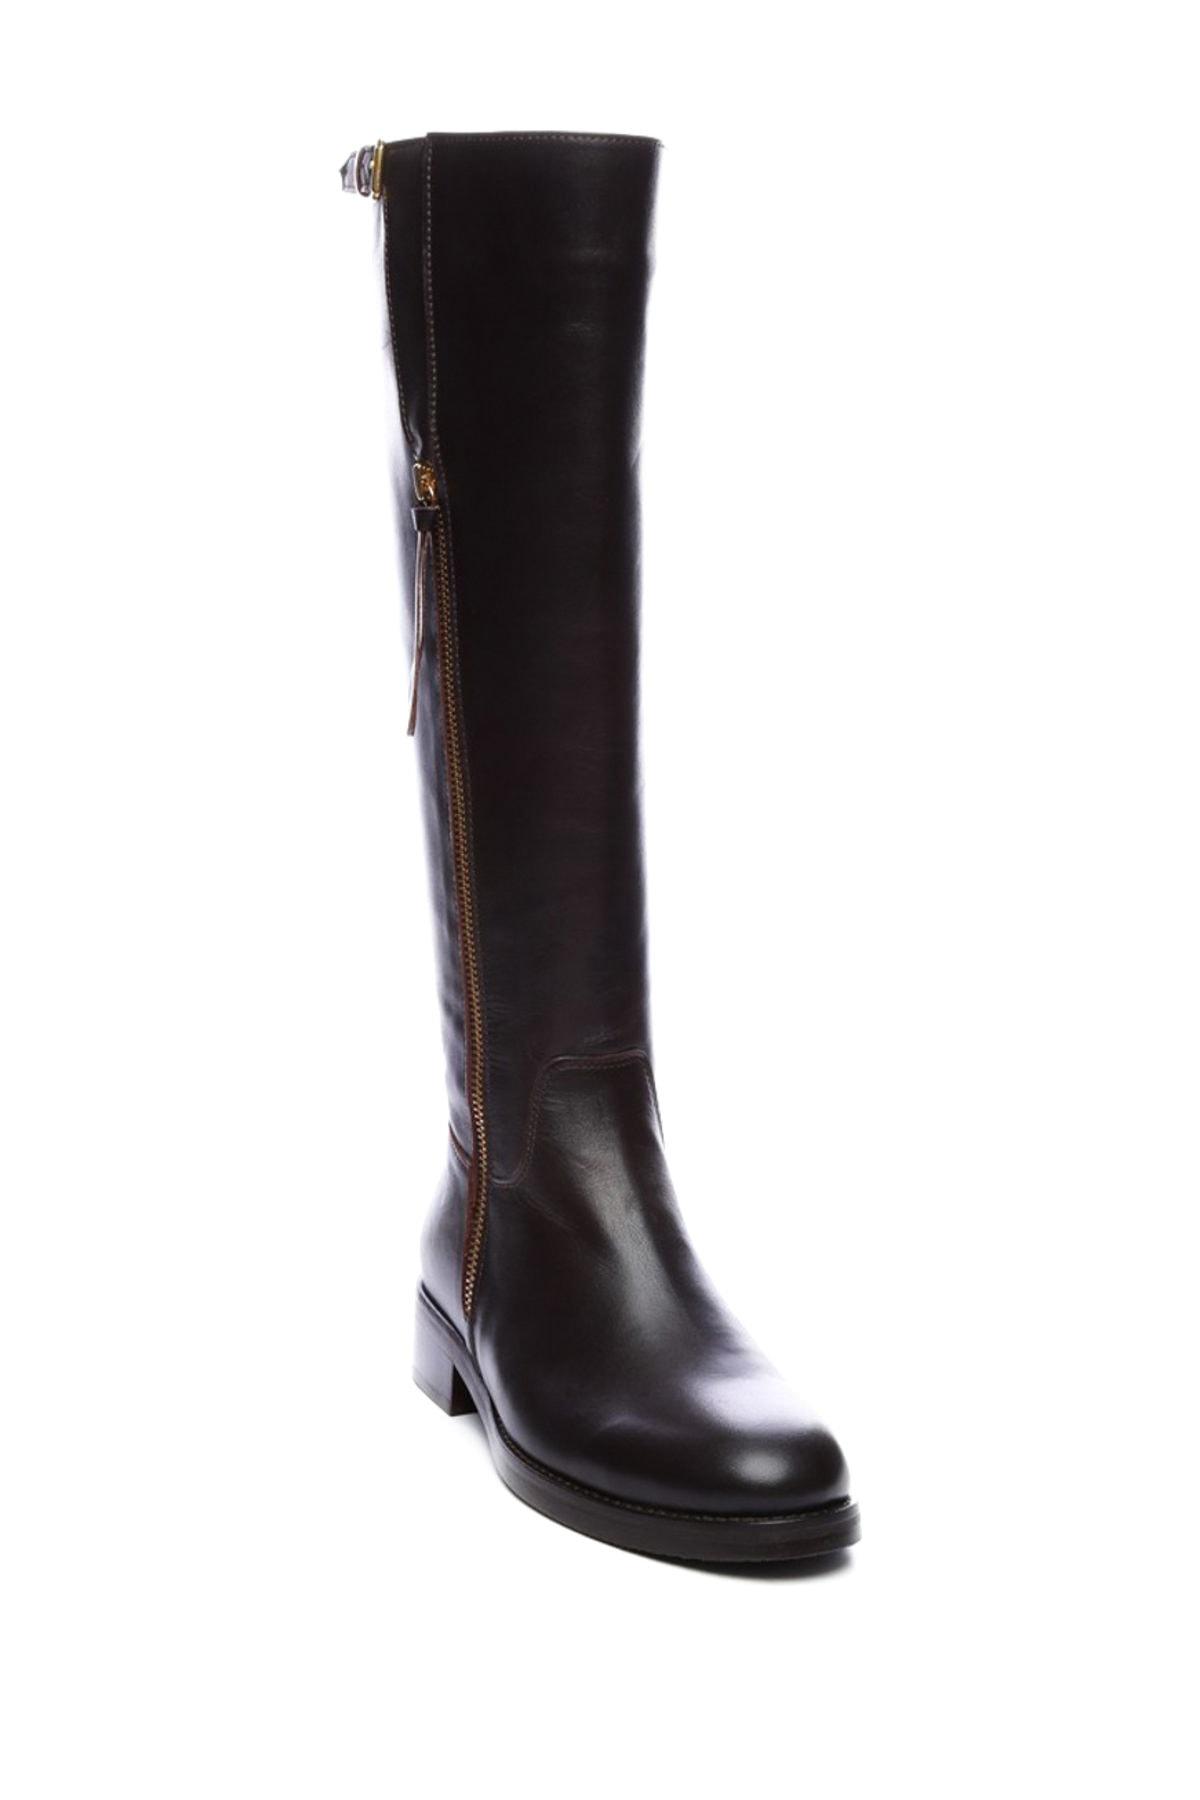 KEMAL TANCA Hakiki Deri Kahverengi Kadın Casual Çizme 51 6370 C BN CIZME 2